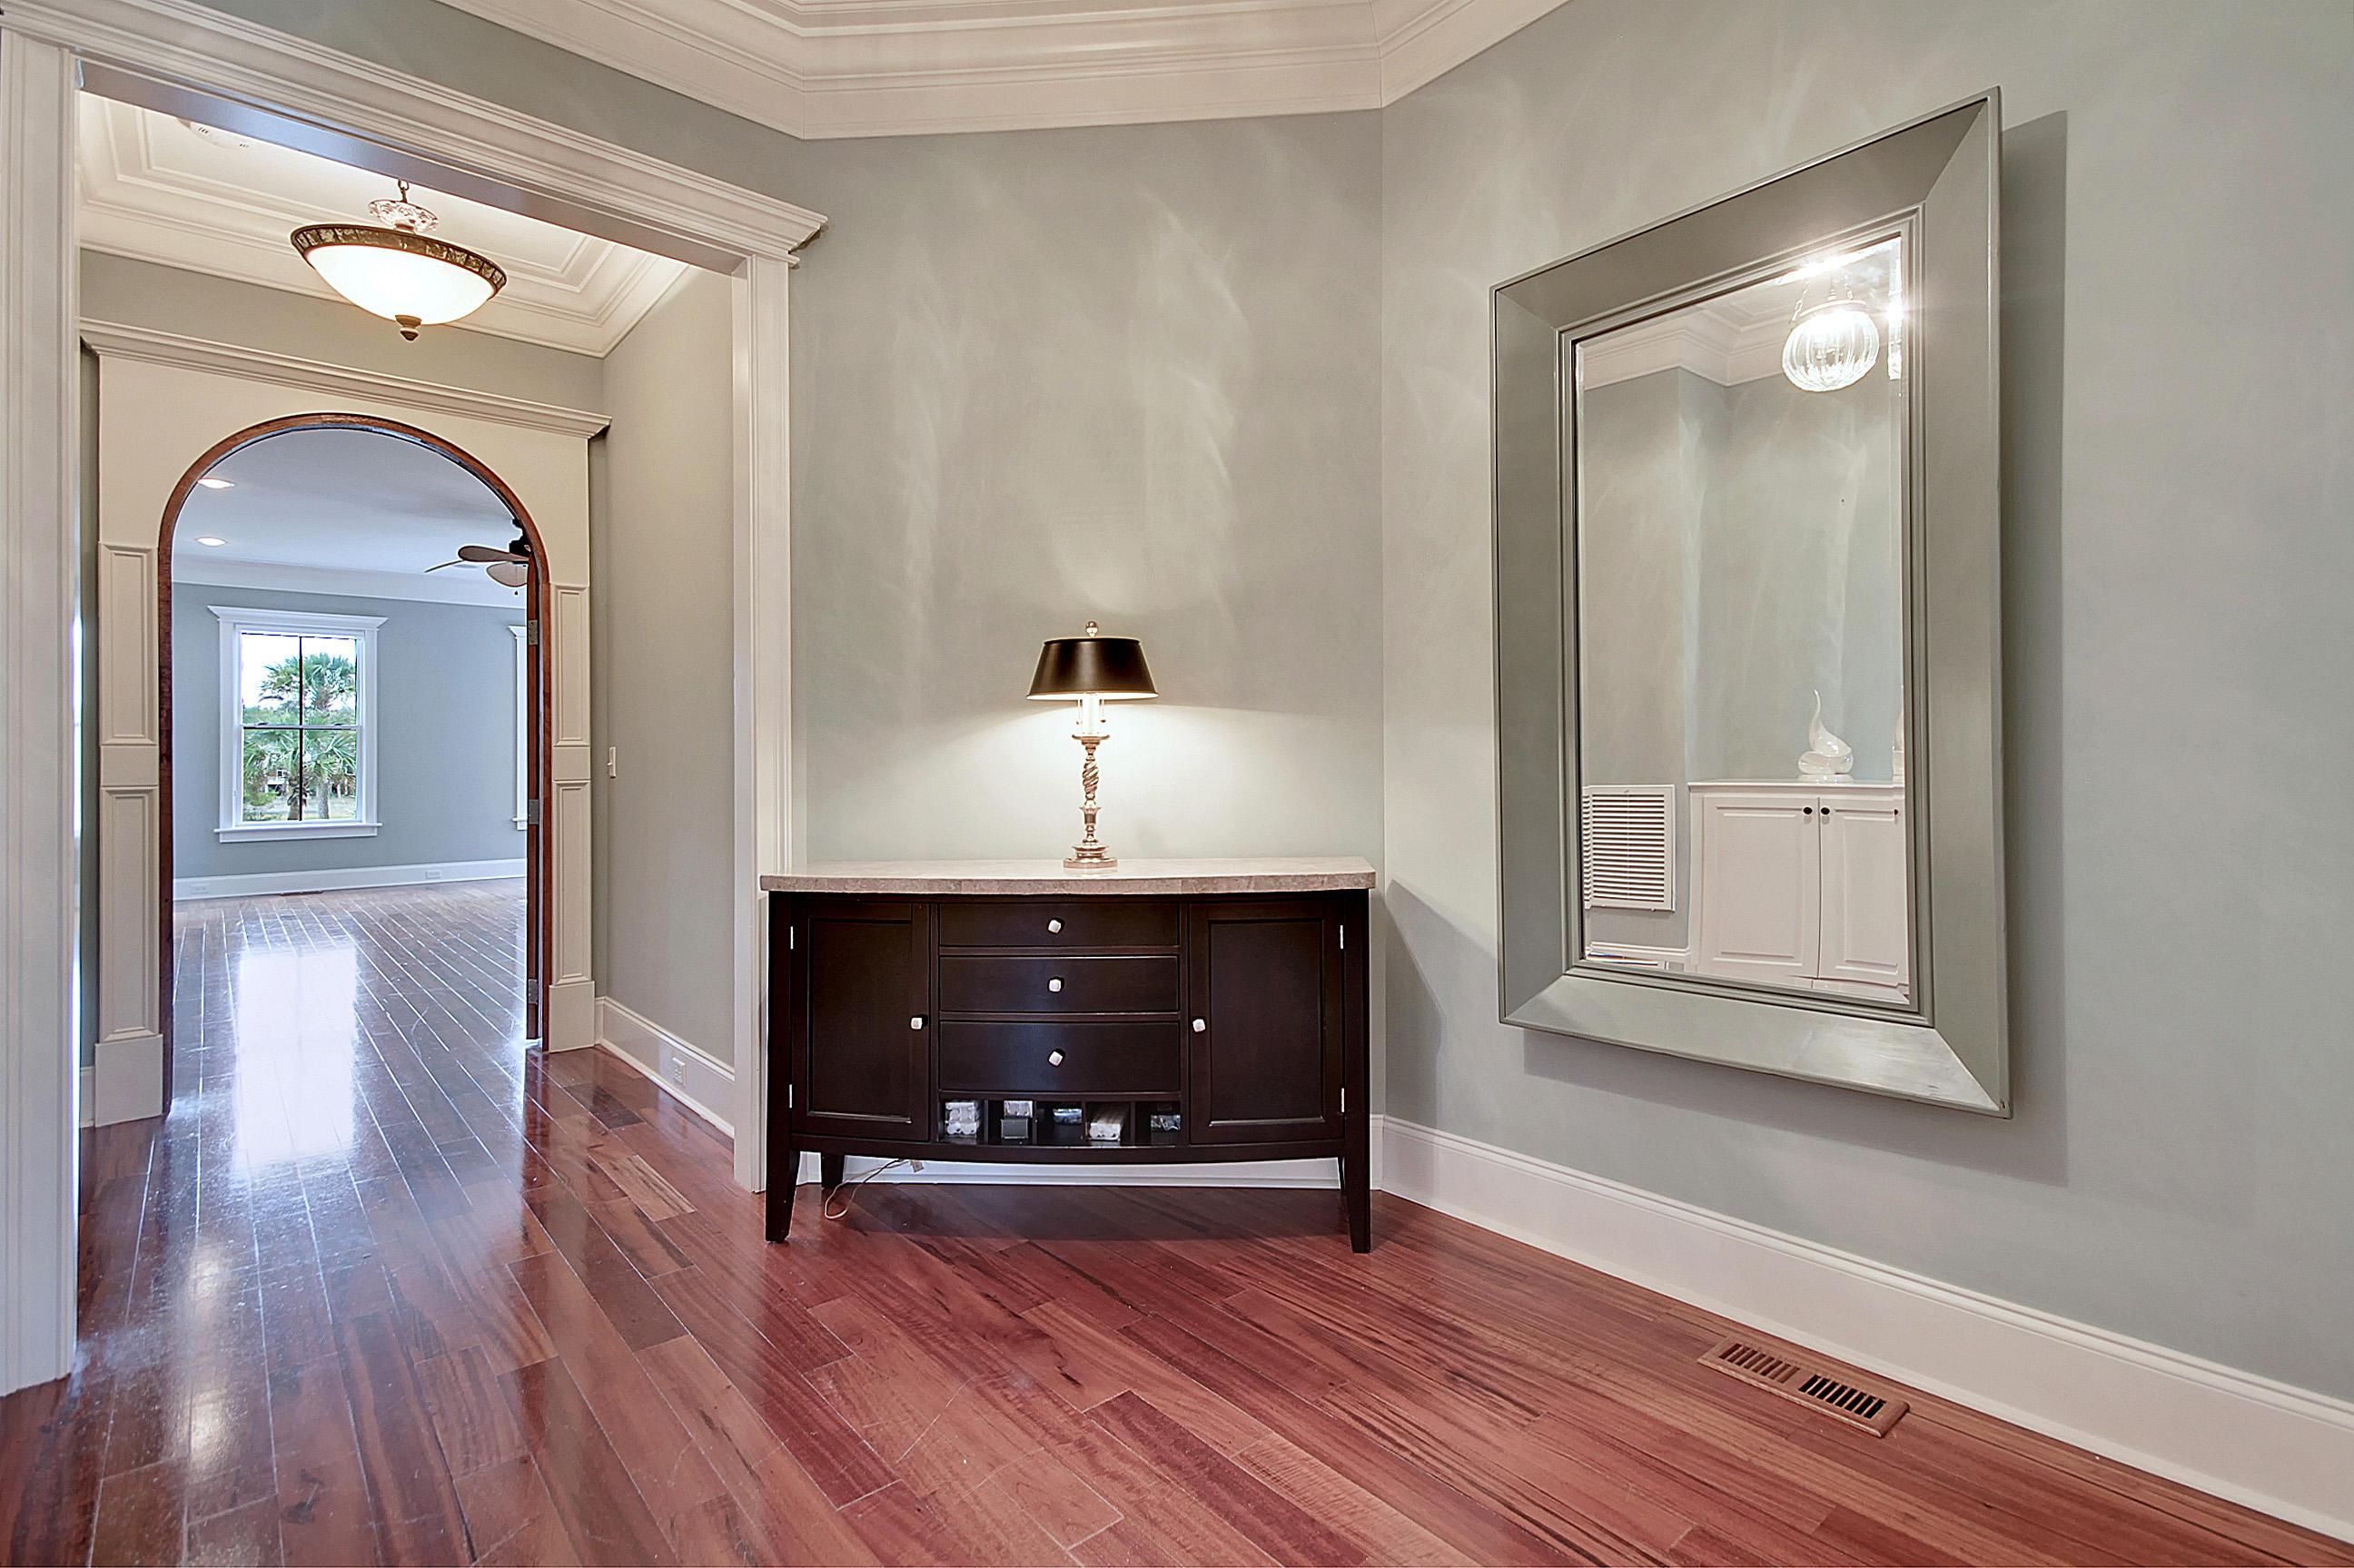 Park West Homes For Sale - 3940 Ashton Shore, Mount Pleasant, SC - 27